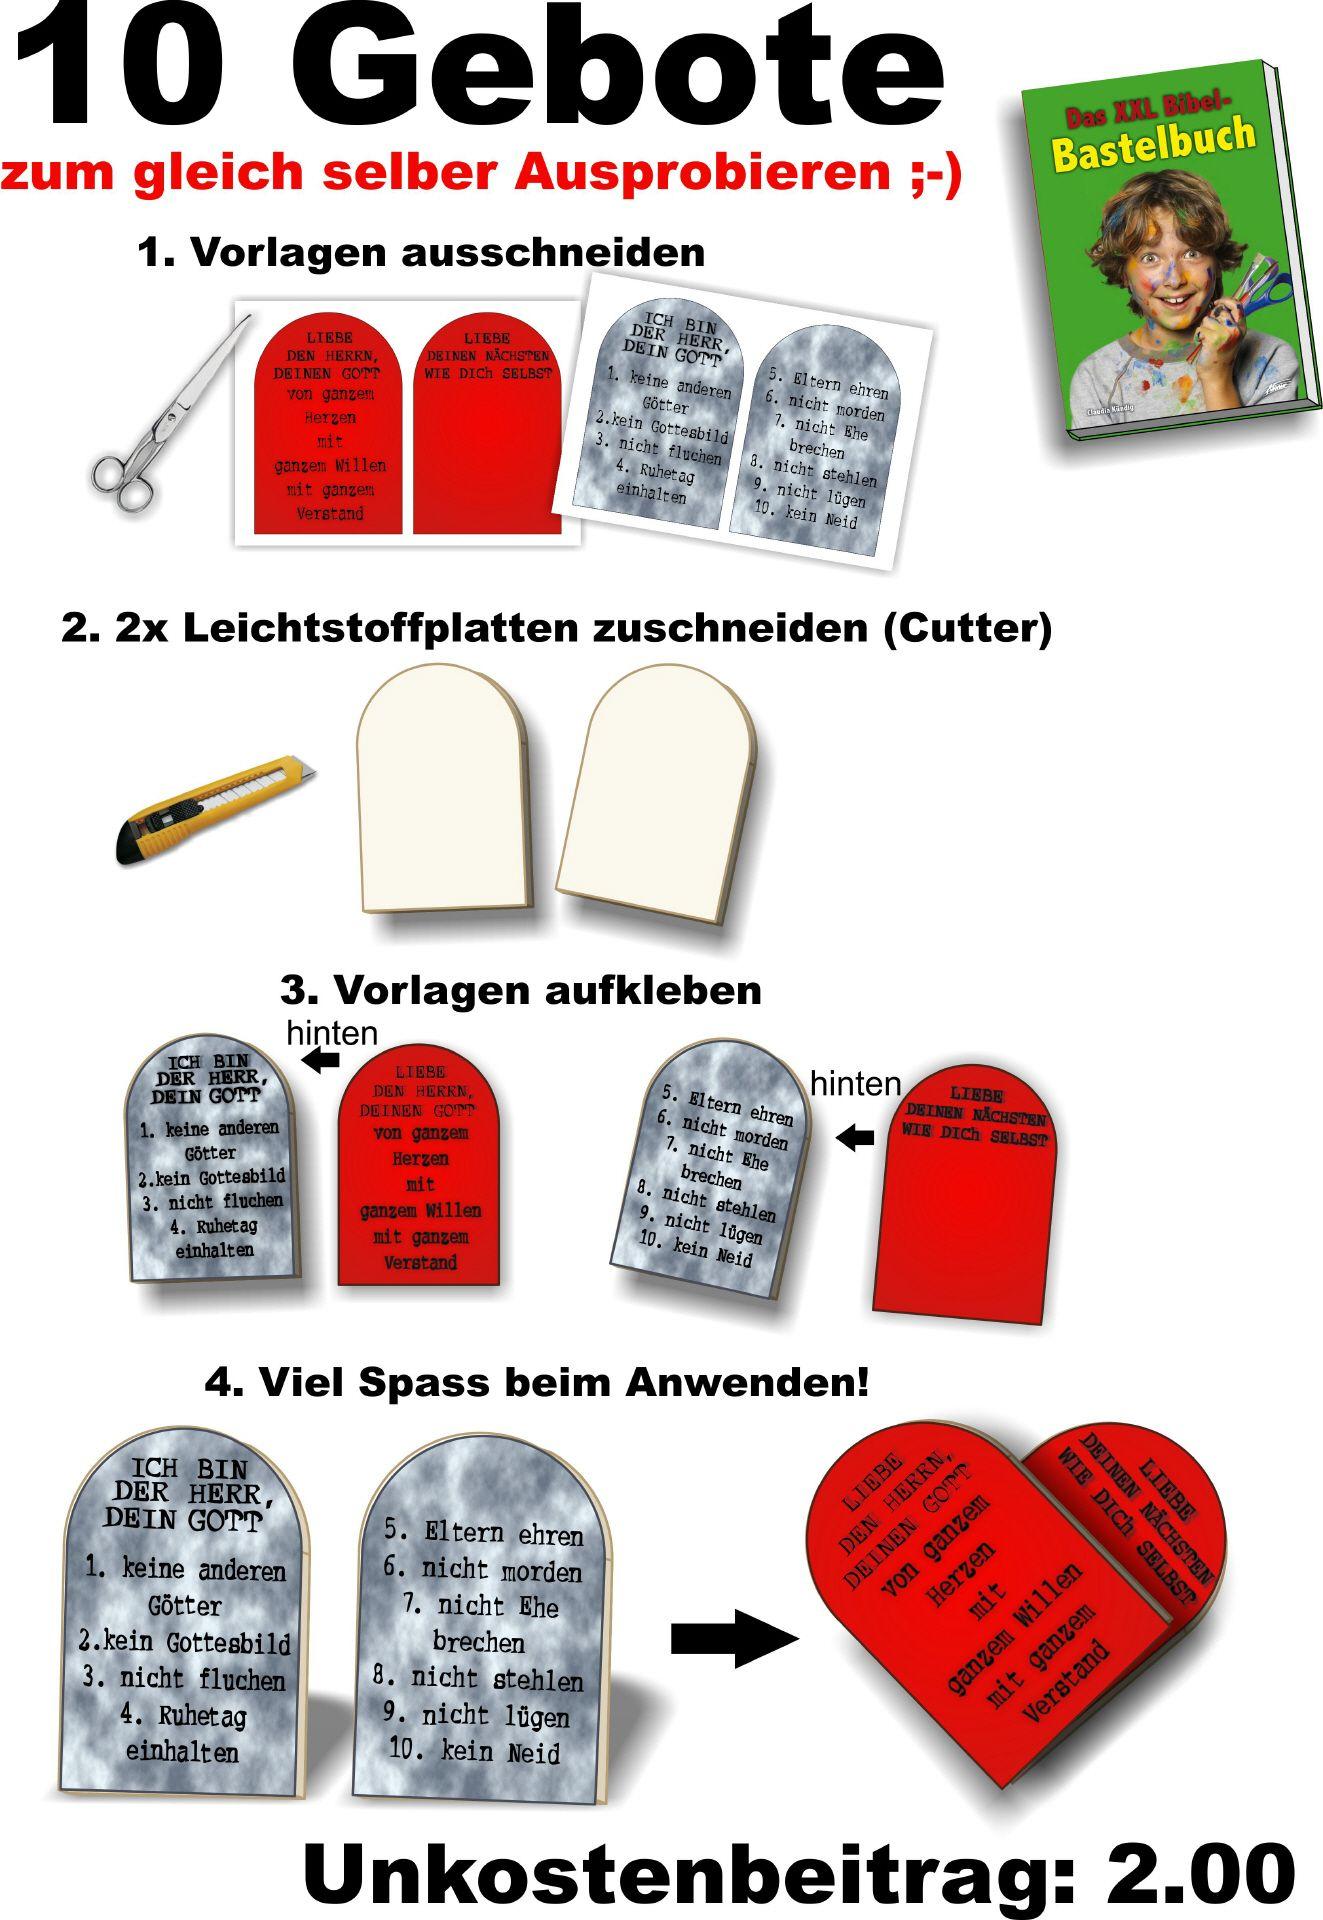 Großartig Zehn Gebote Tabletten Vorlage Ideen - Entry Level Resume ...